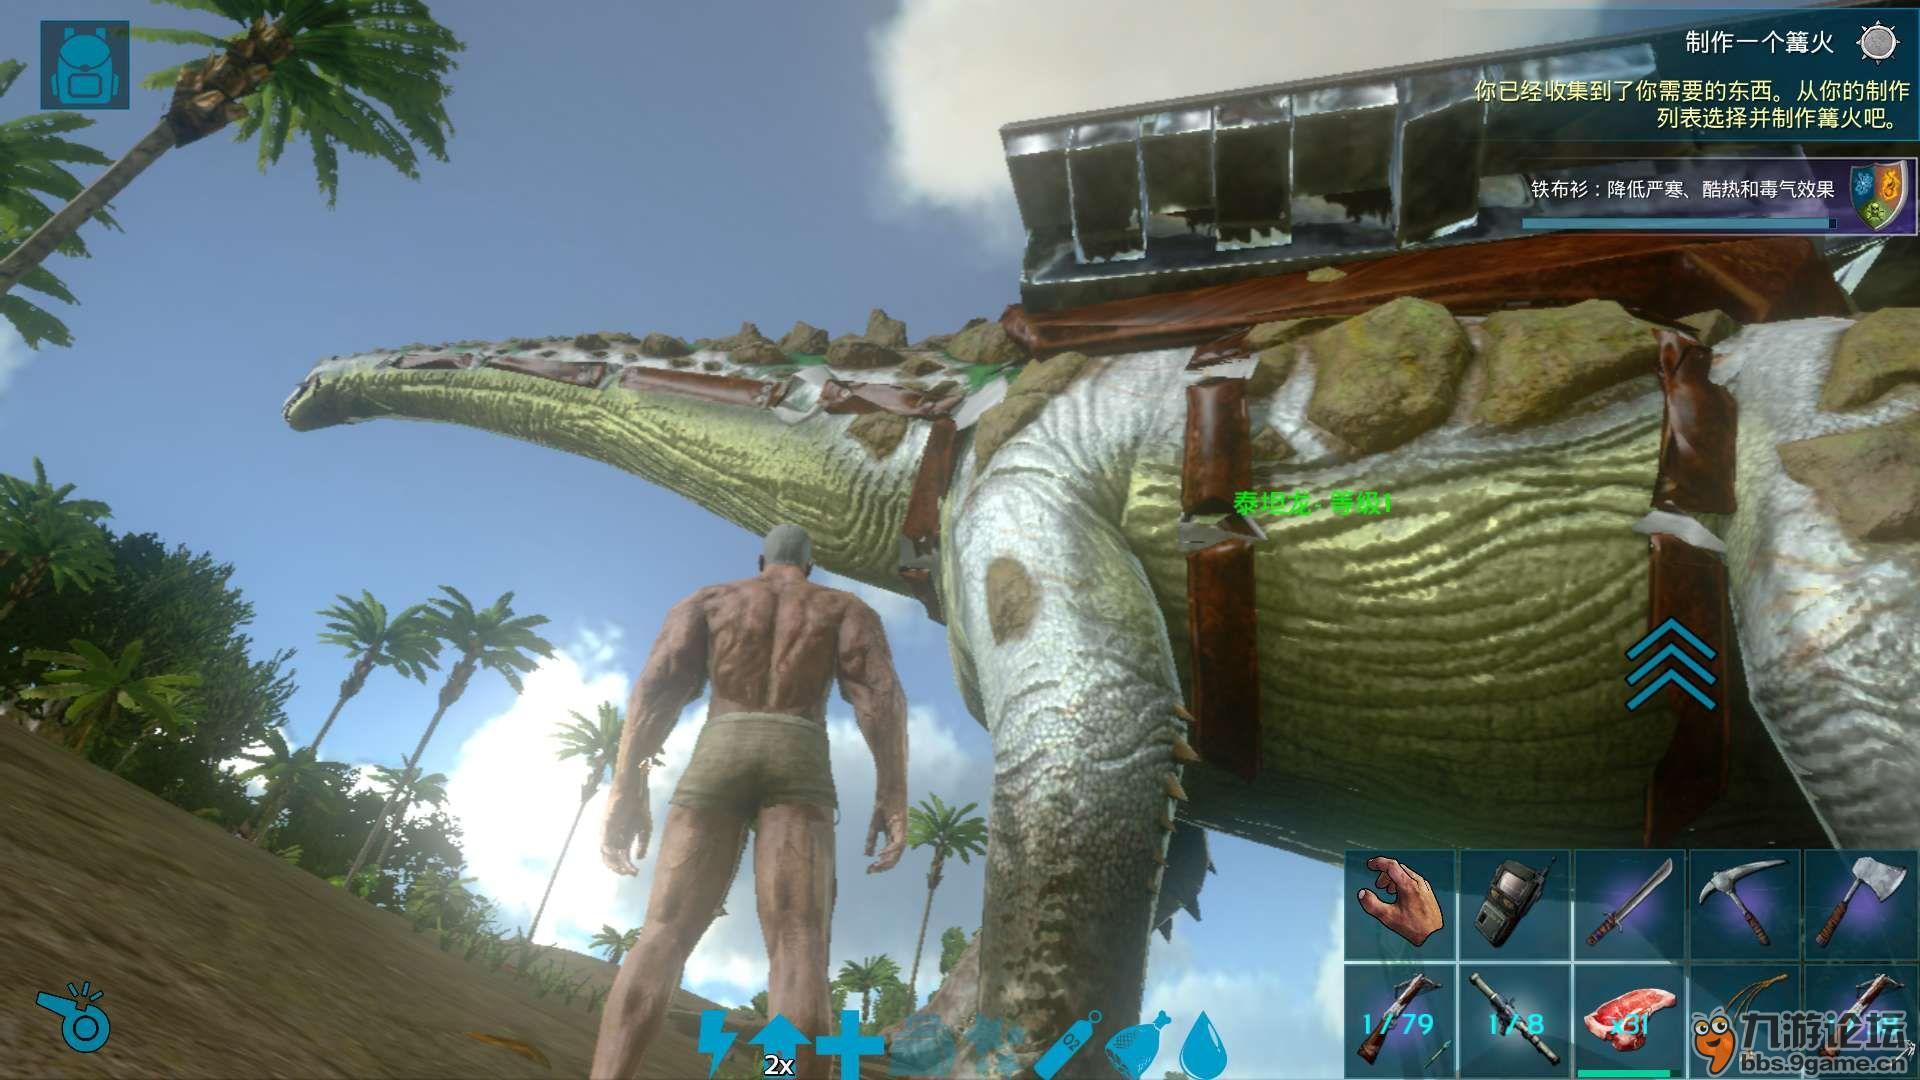 【攻略】《方舟生存进化》手游关于泰坦龙击晕正确方法!